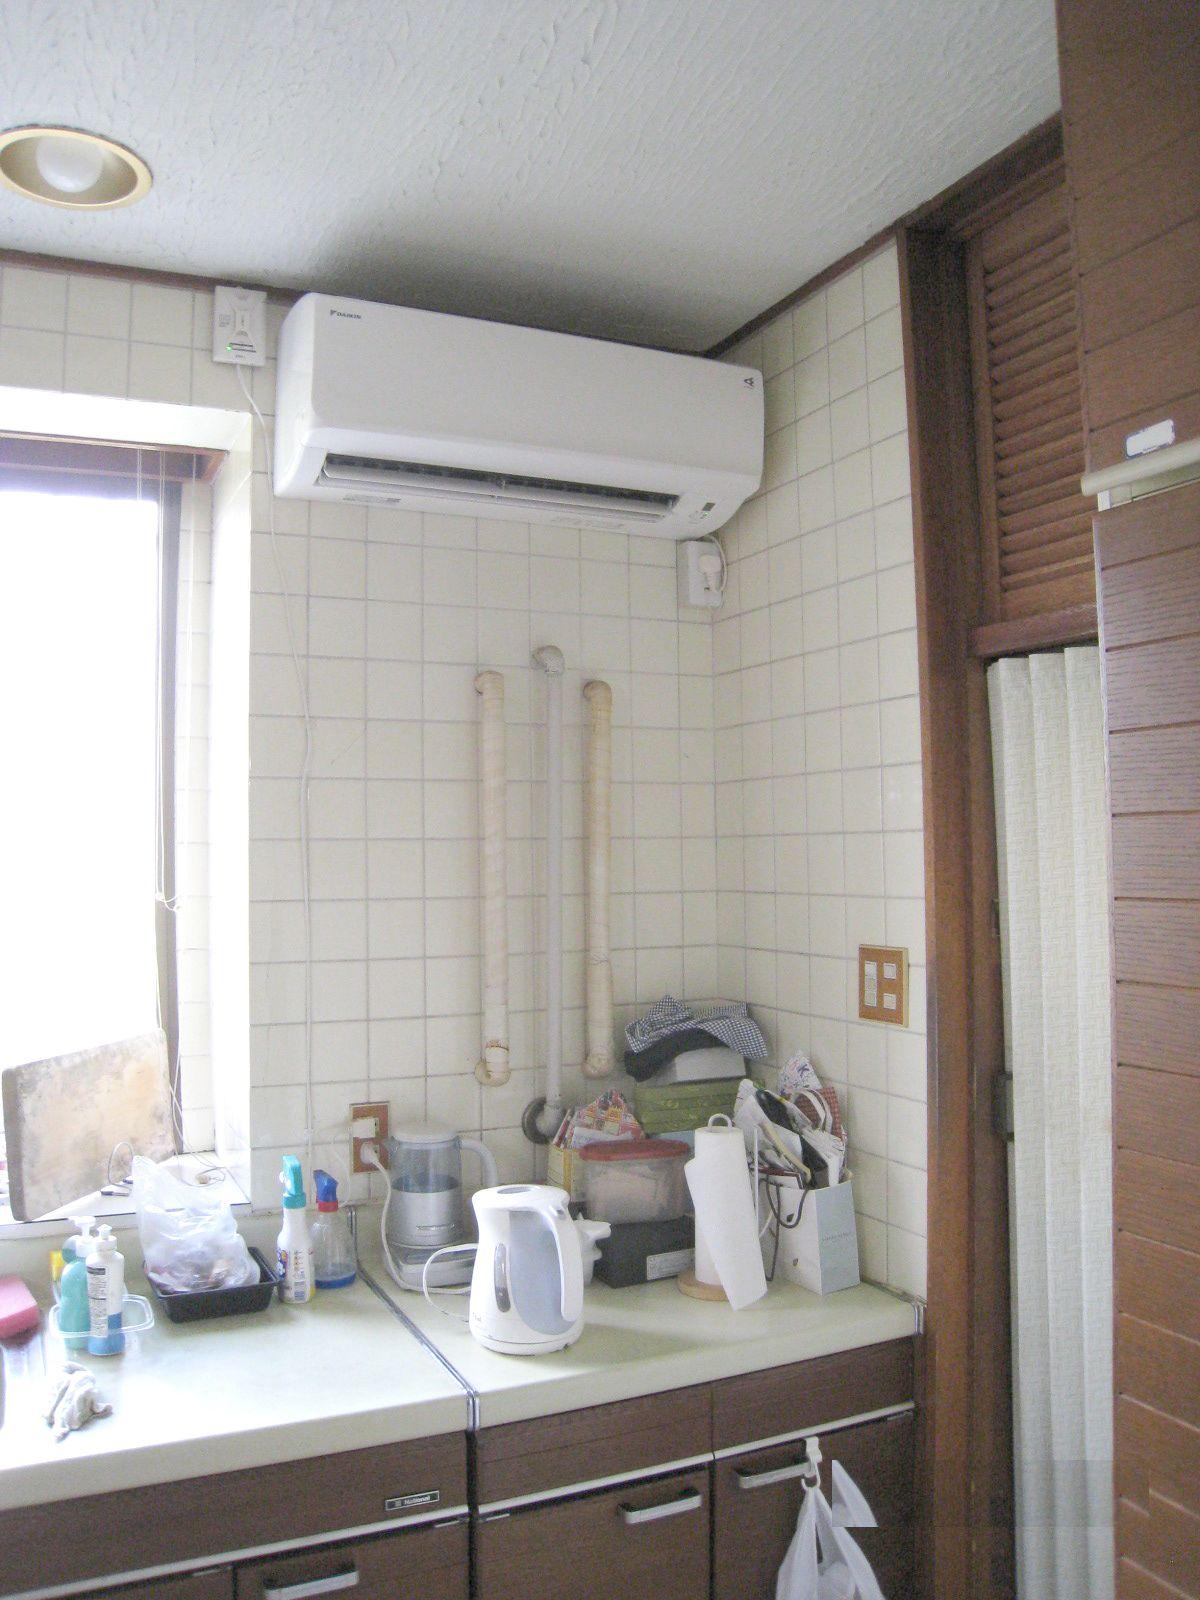 設置困難と言われた場所へエアコンを設置しました 姫路市 T様邸